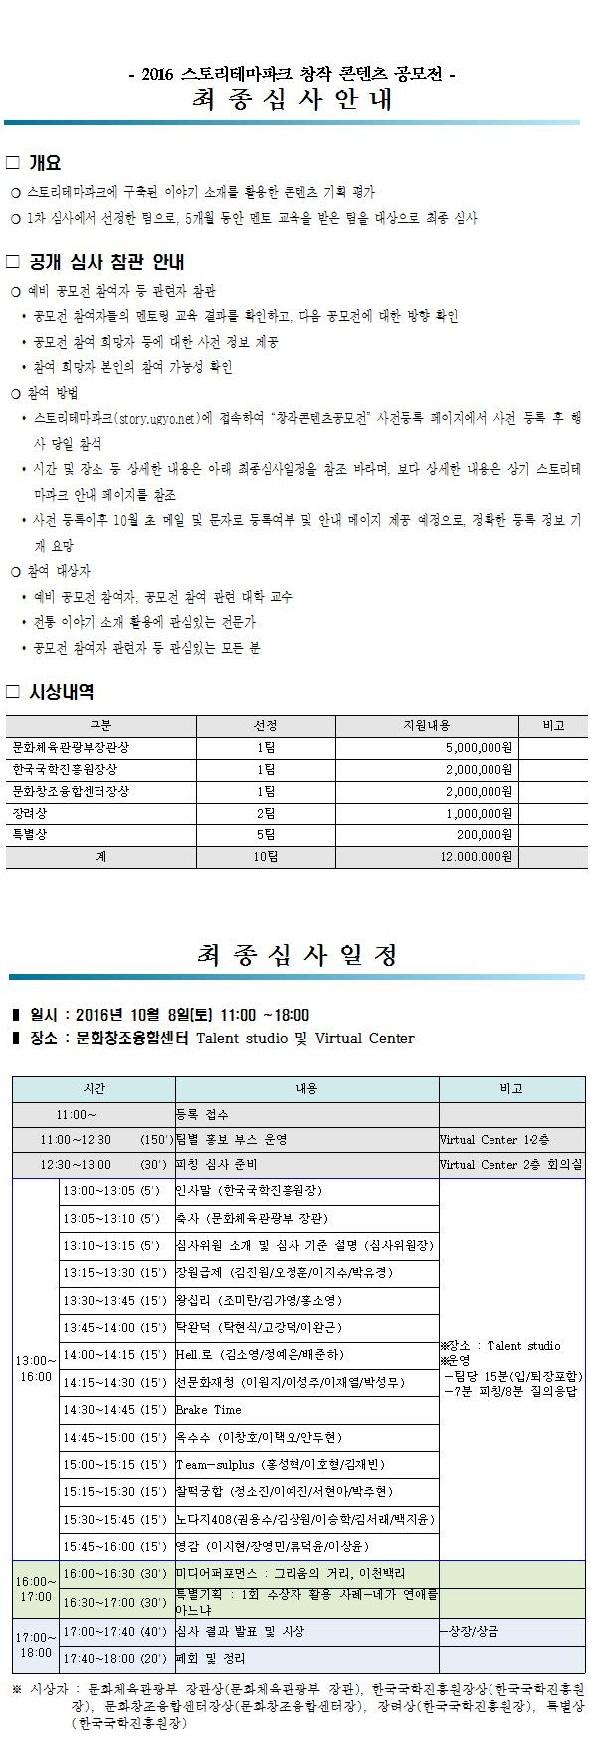 2016_공모전_최종심사_행사안내